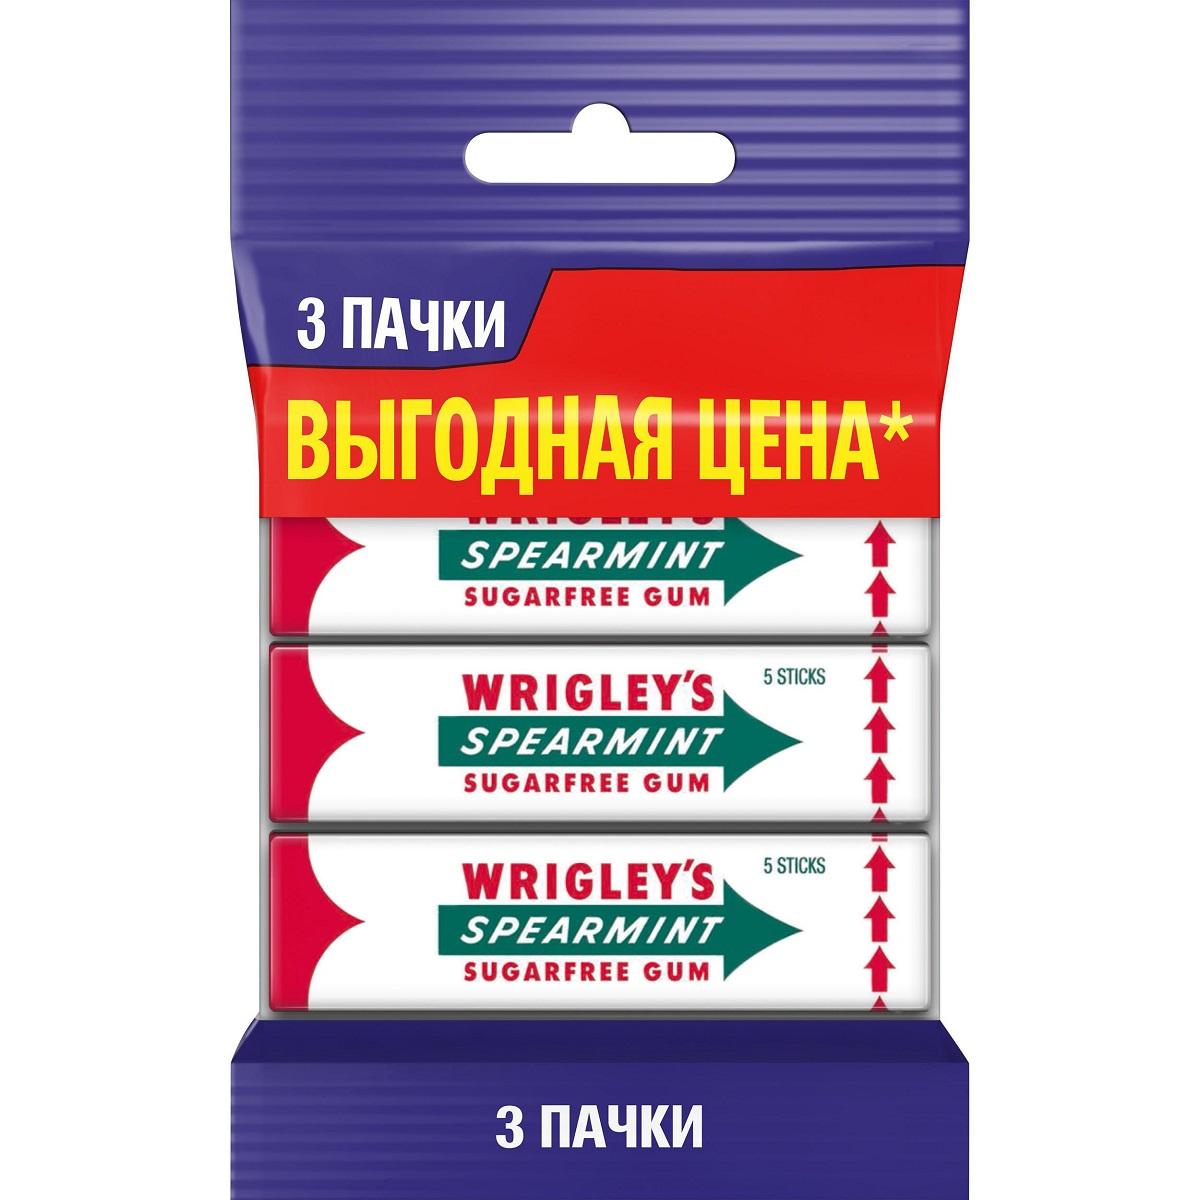 Wrigleys Spearmint жевательная резинка без сахара 3 пачки по 13 г3 пачкиКлассическая жевательная резинка Wrigley. Великолепный мятный вкус дарит свежесть уже более 100 лет.